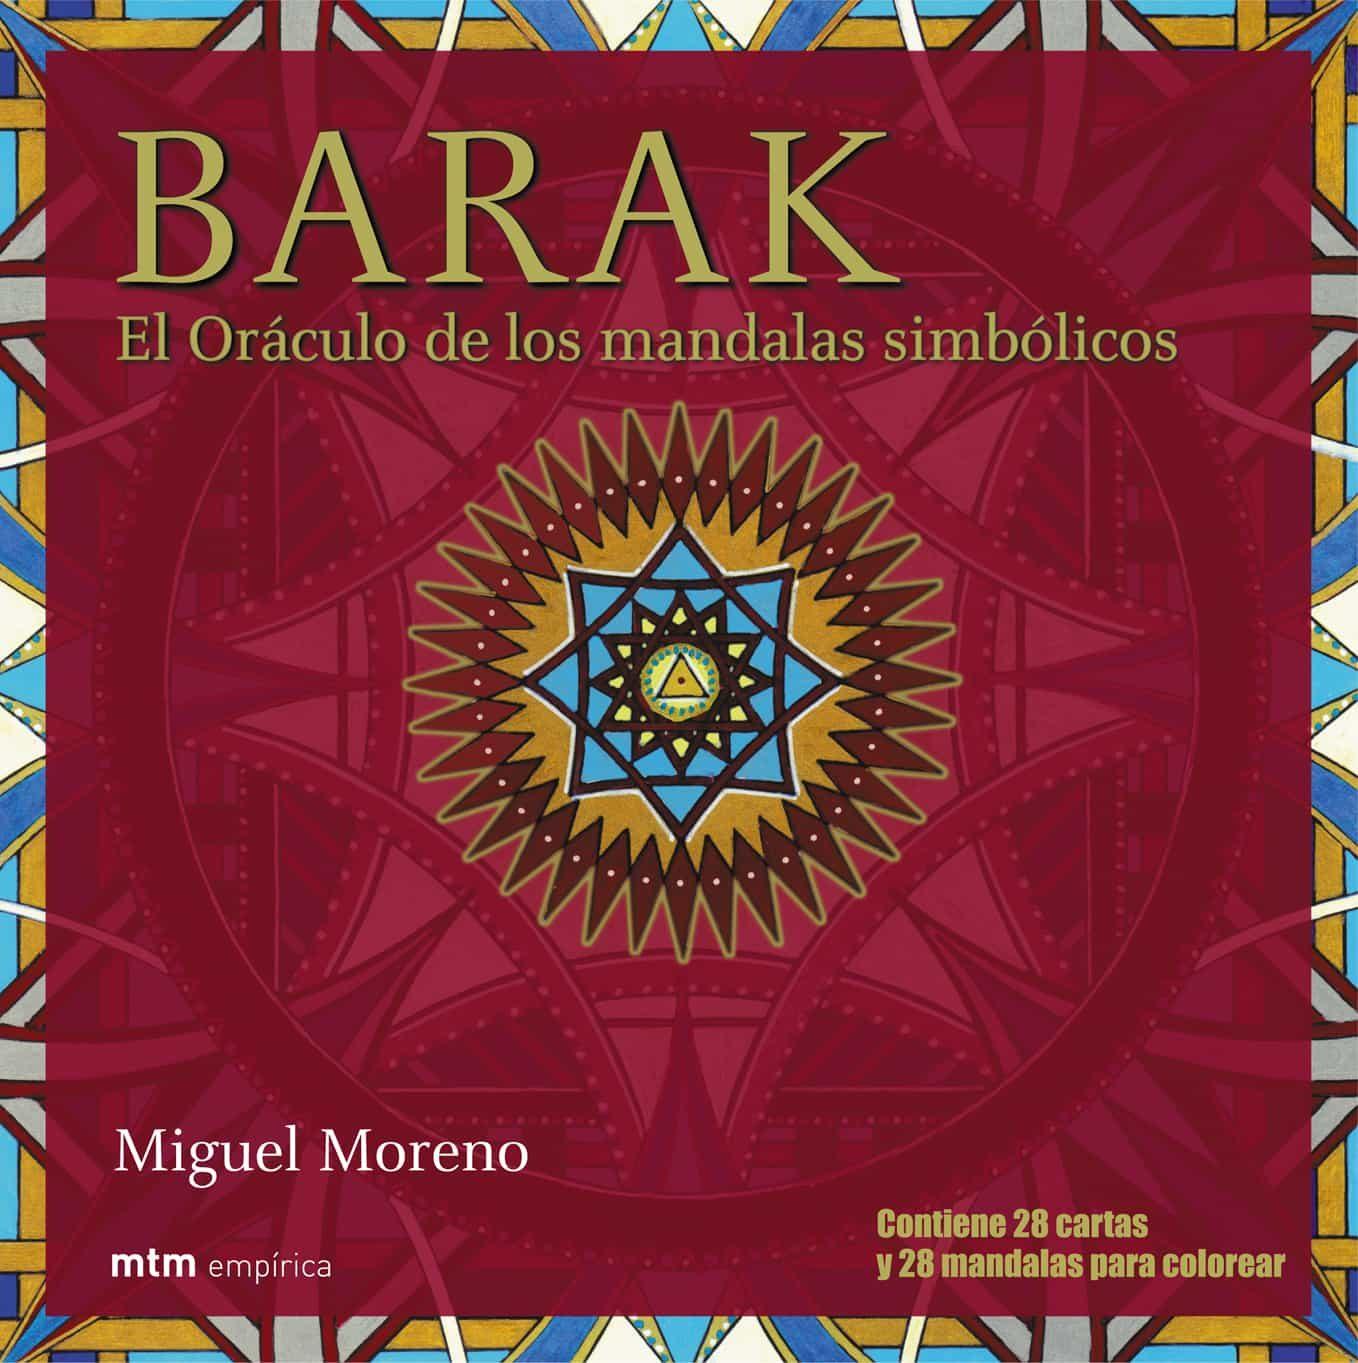 Barak: El Oraculo De Los Mandalas Simbolicos Contiene 28 Cartas Y 28 Mandalas Para Colorear) por Miguel Moreno Marin